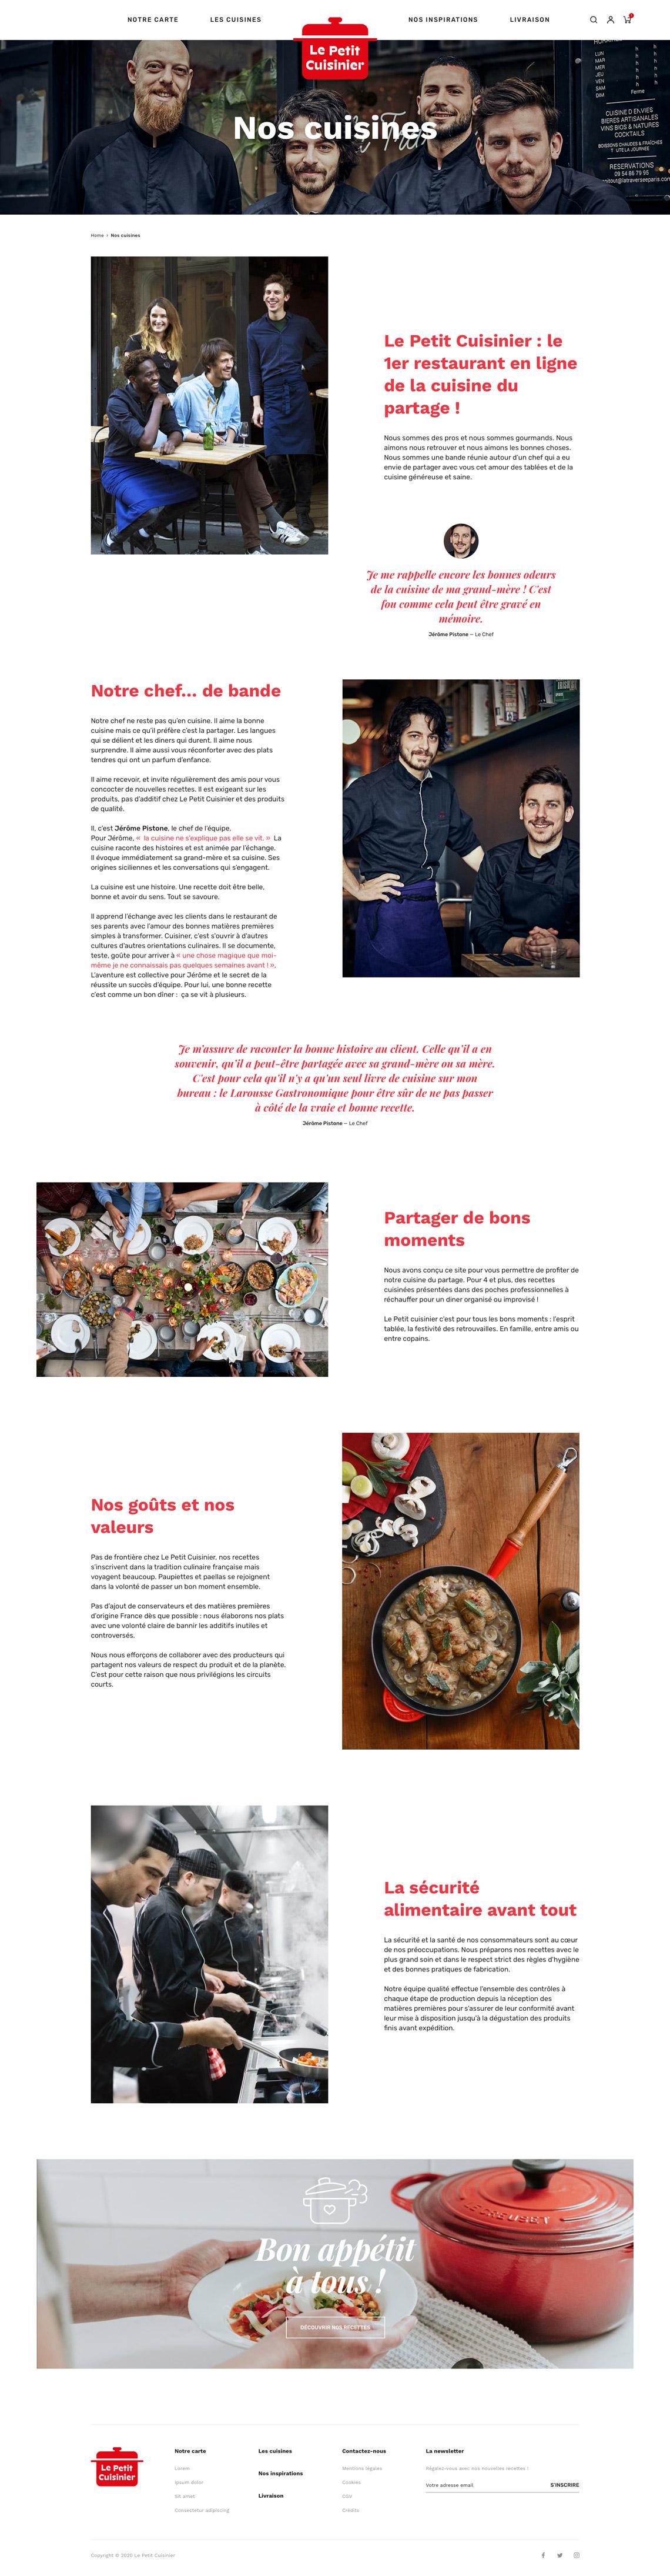 07-Nos-Cuisines-2